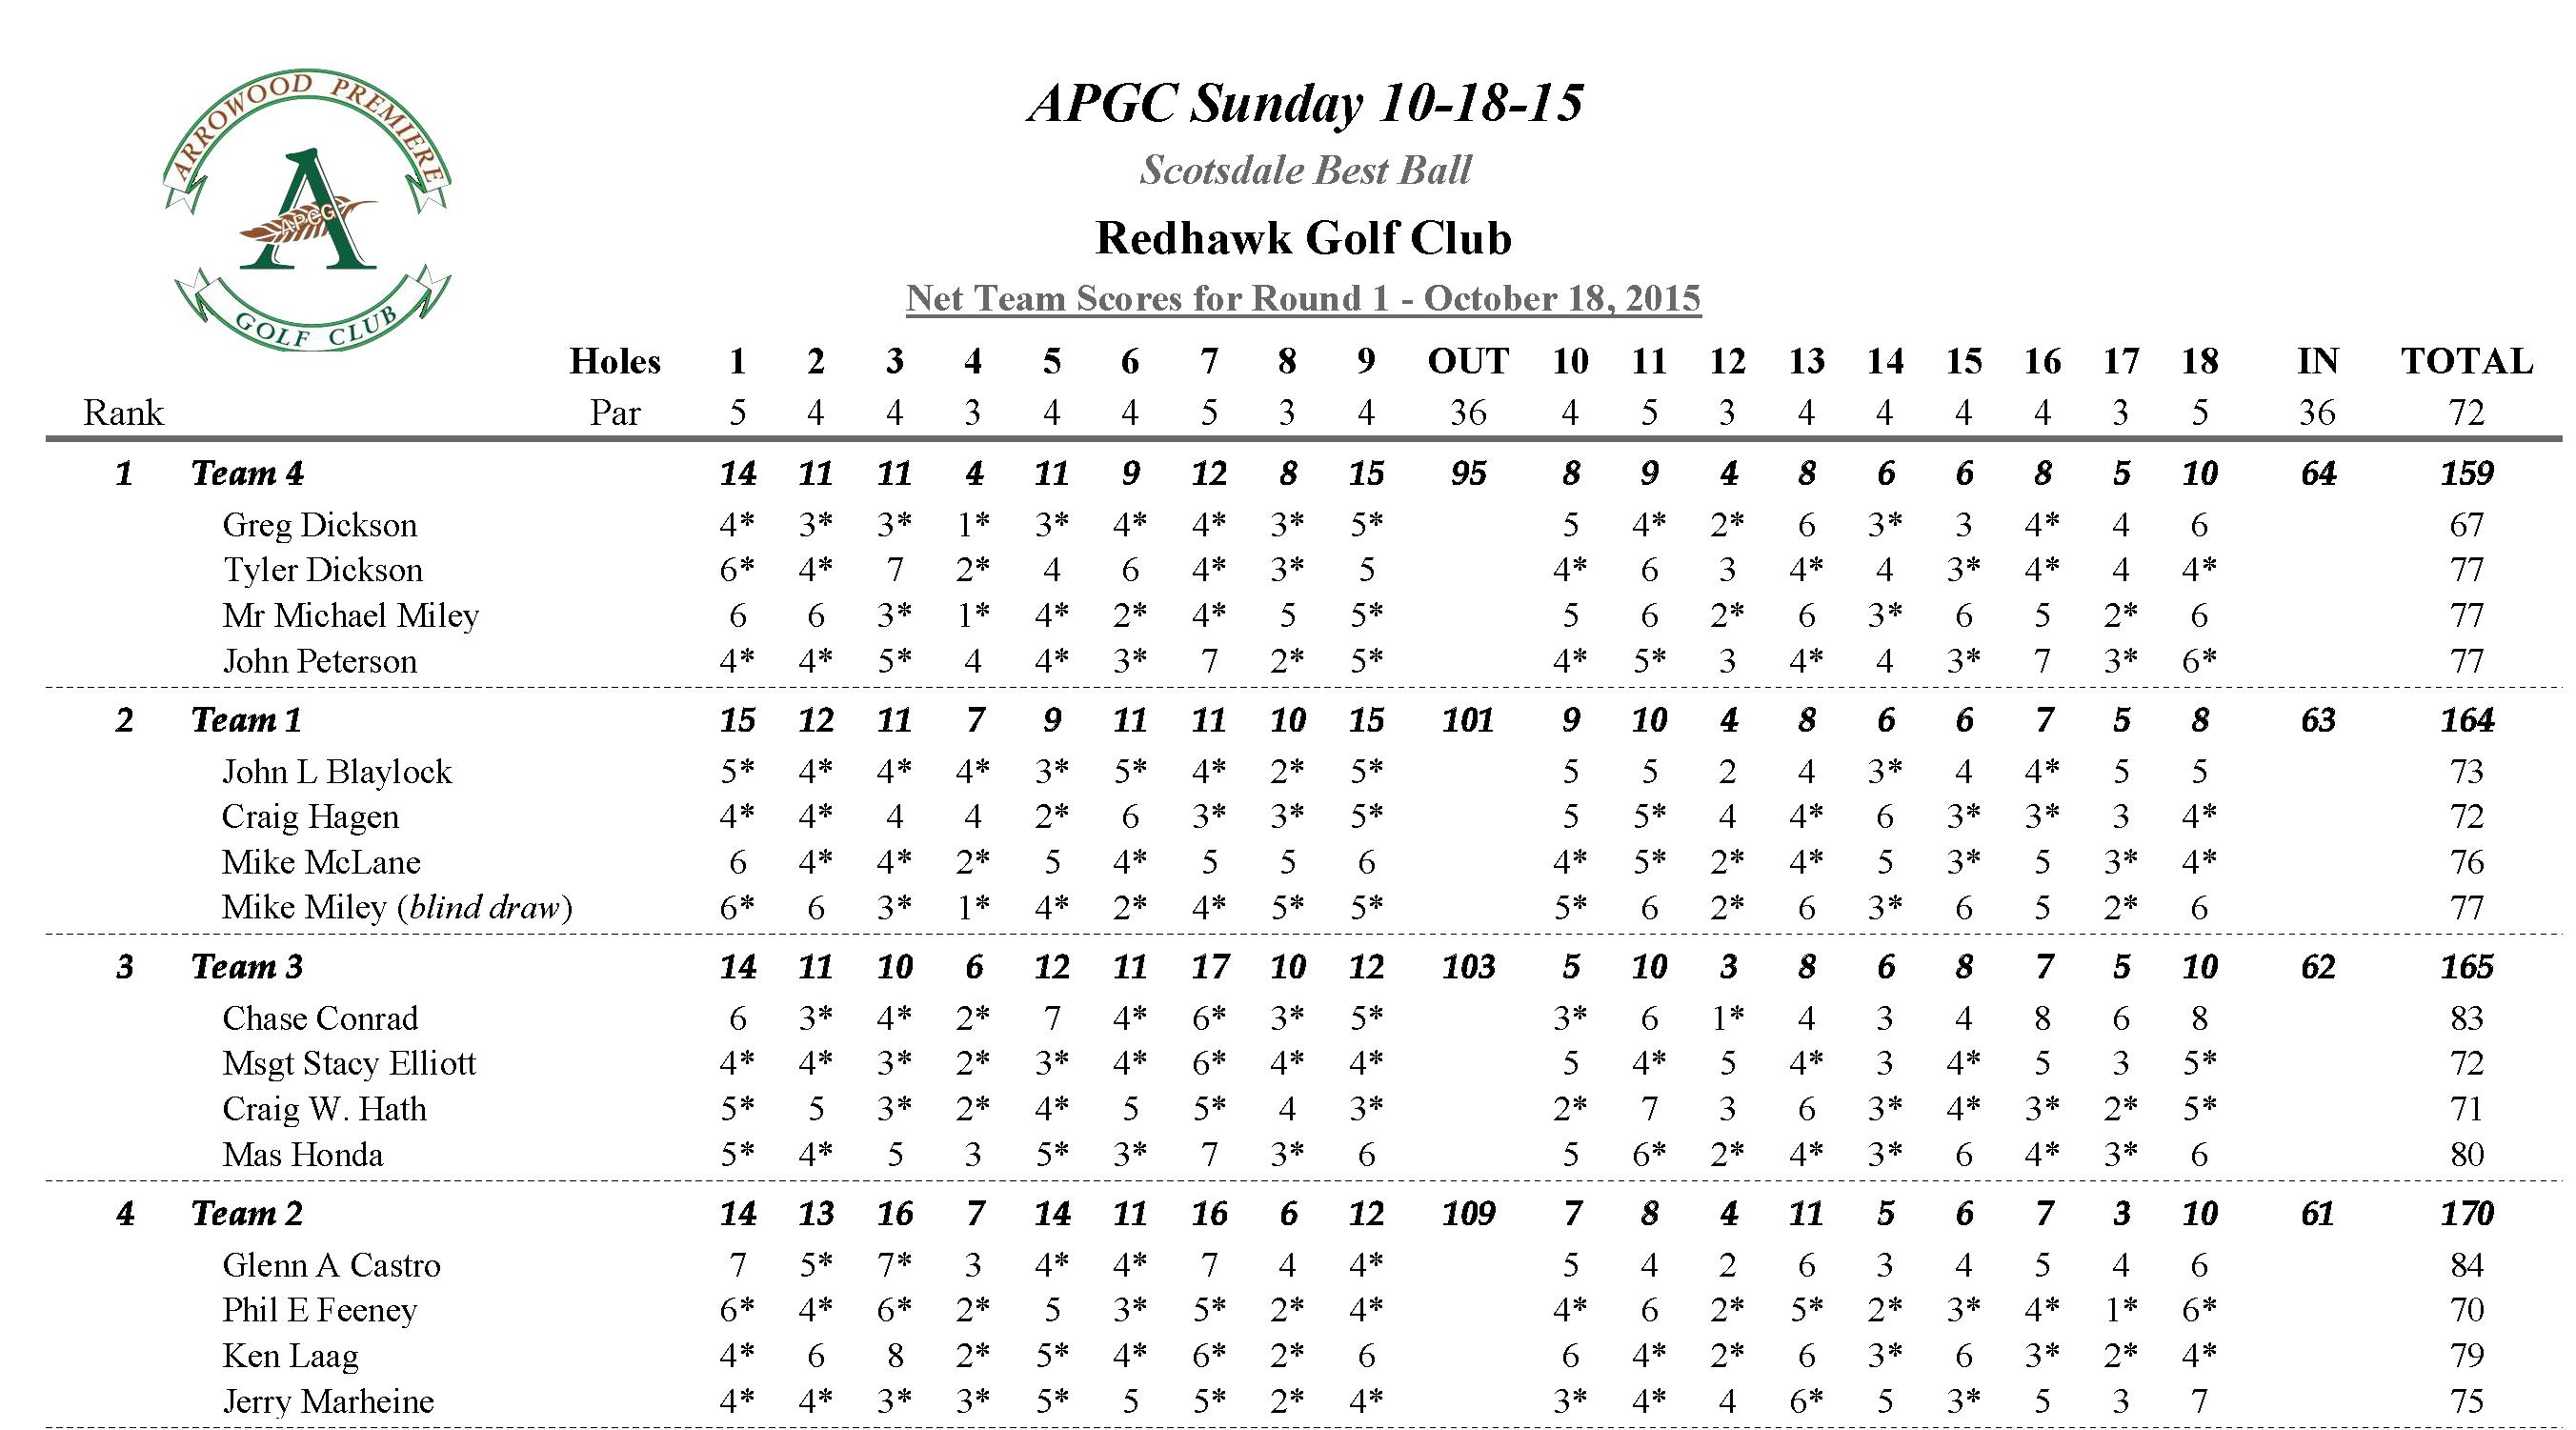 APGC 10-18-15